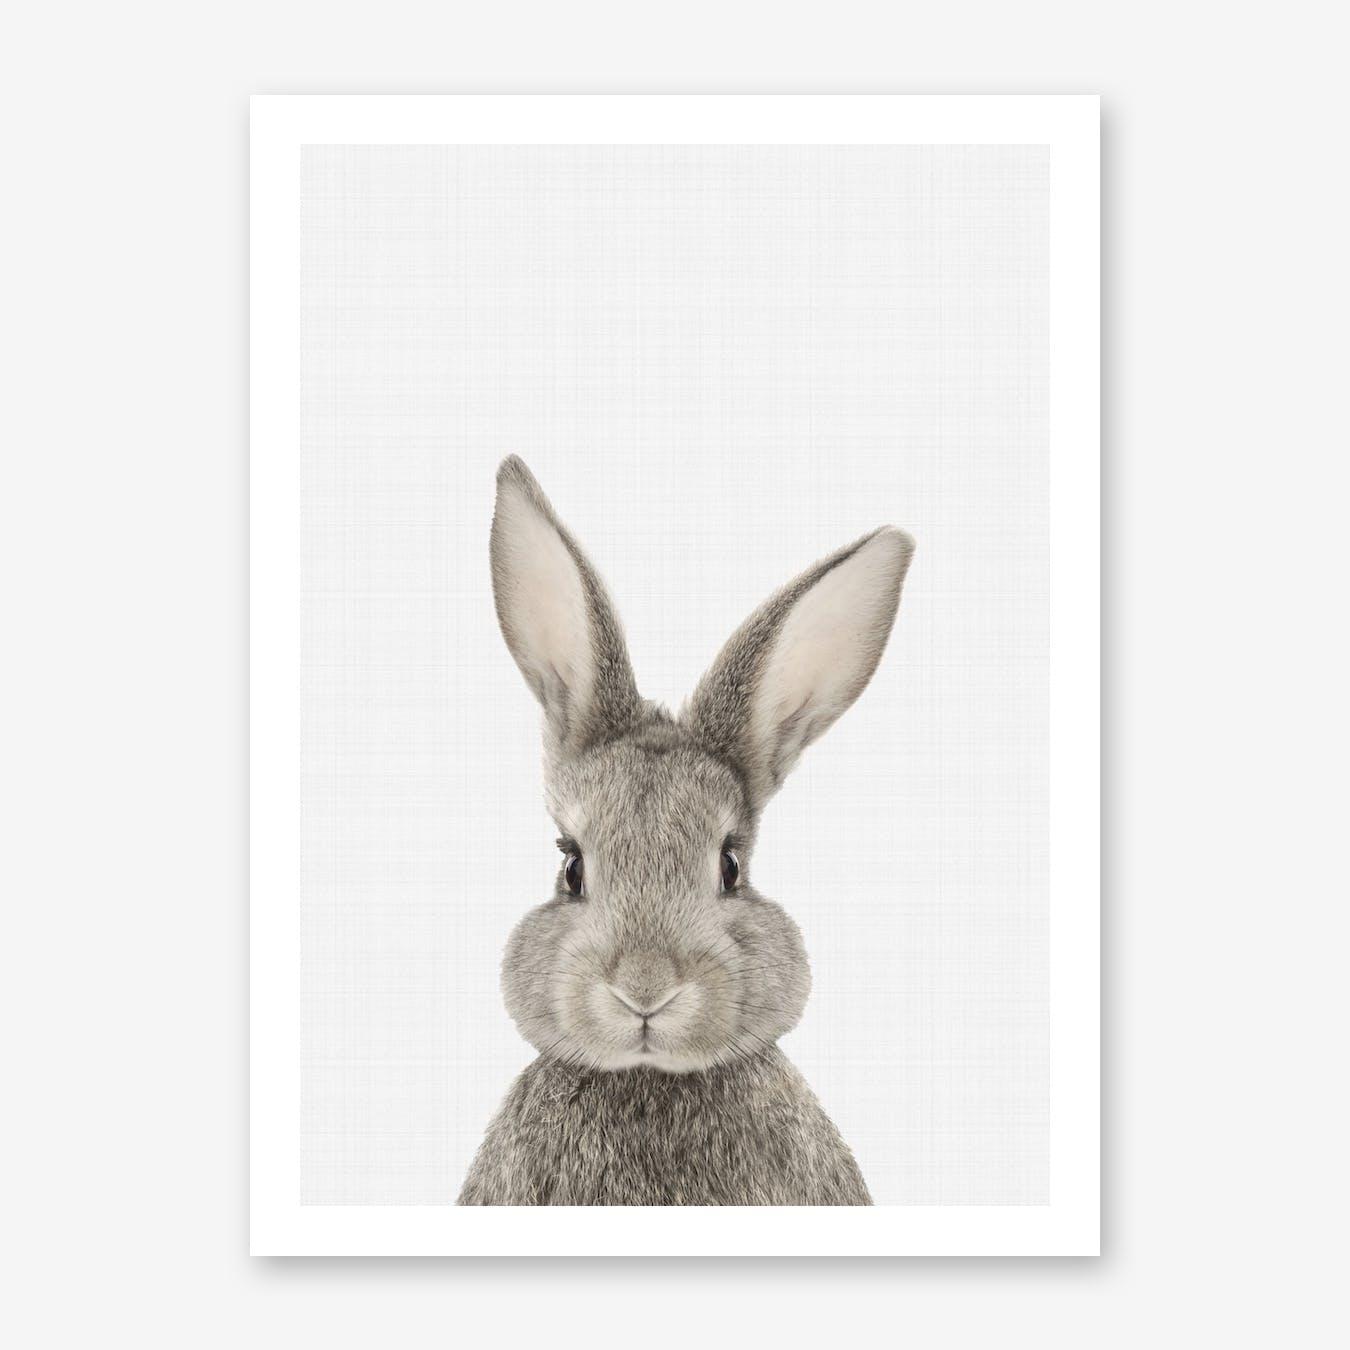 Rabbit II